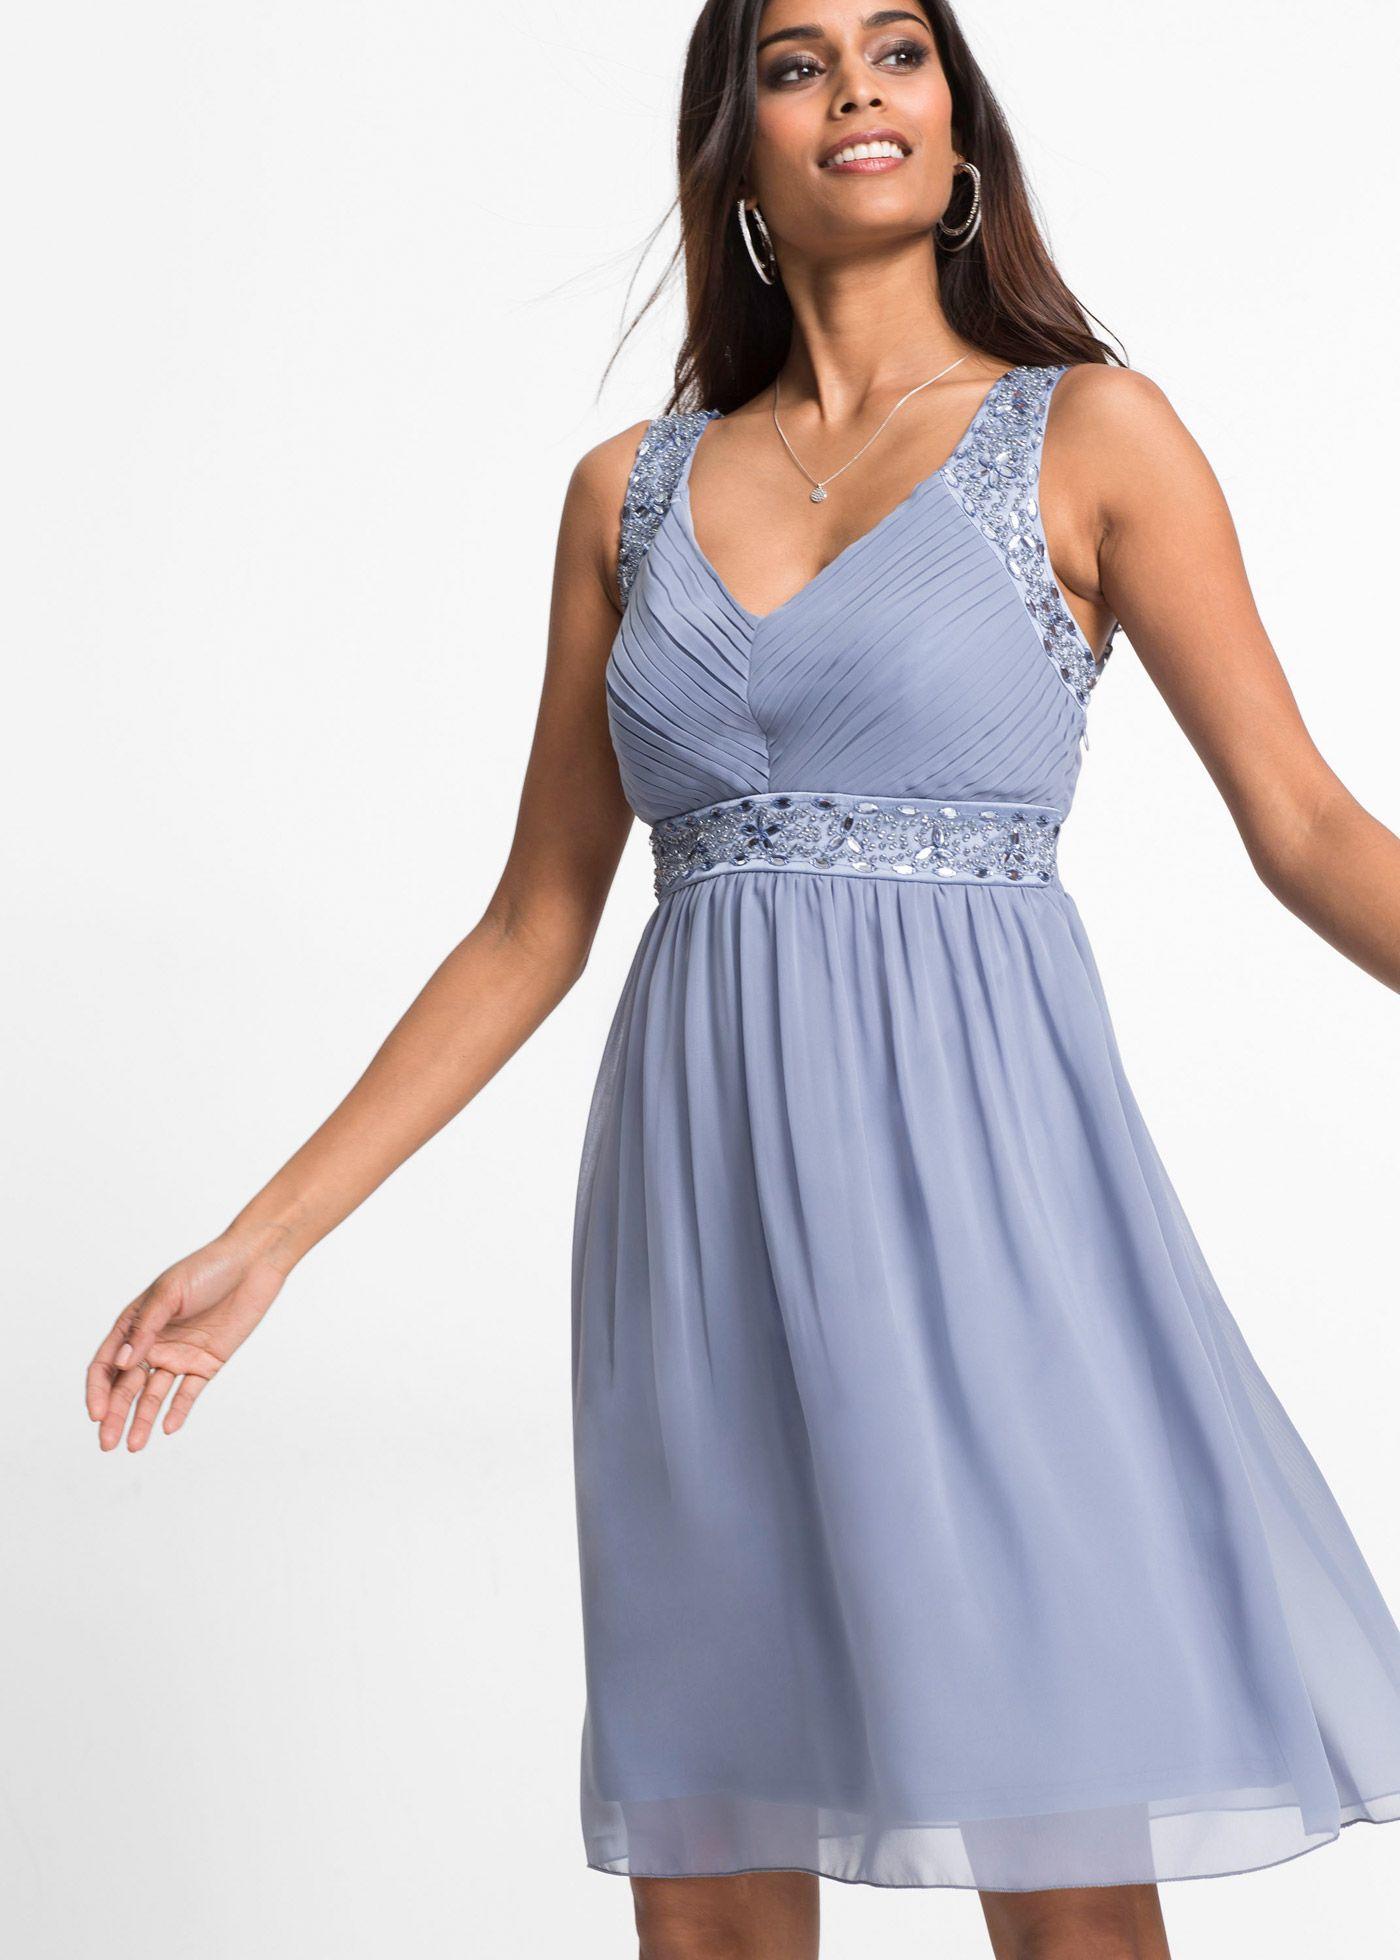 10b01ab22540 Abendkleid mattblau jetzt im Online Shop von bonprix.de ab € 39,99 ...